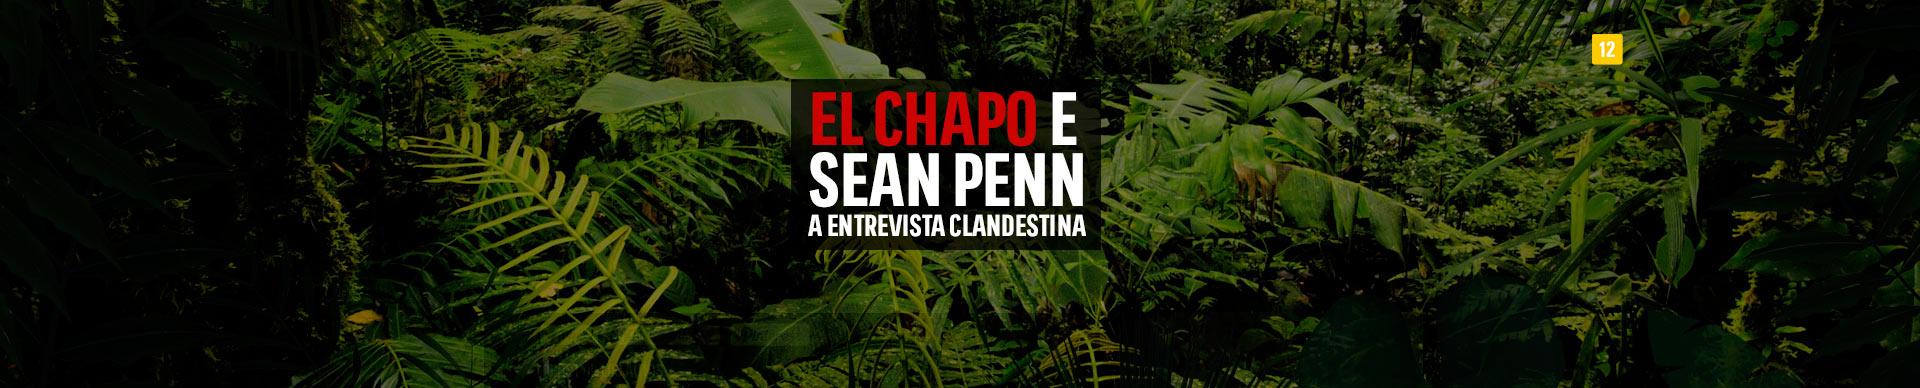 EL CHAPO E SEAN PENN